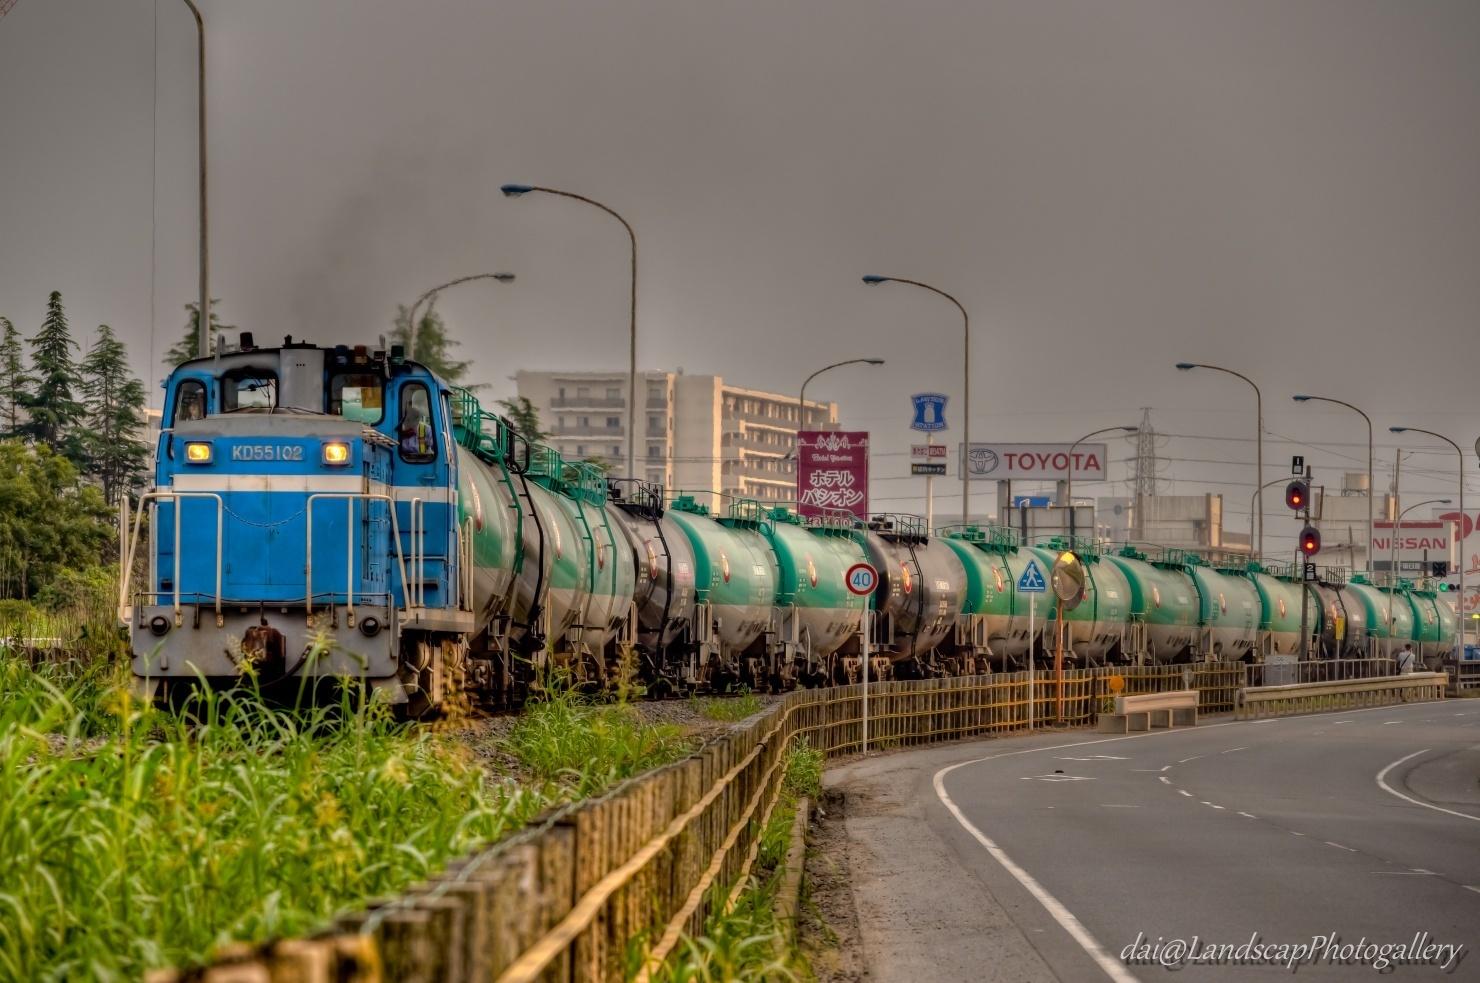 京葉臨海鉄道 KD55 102 石油専用列車【HDRi】